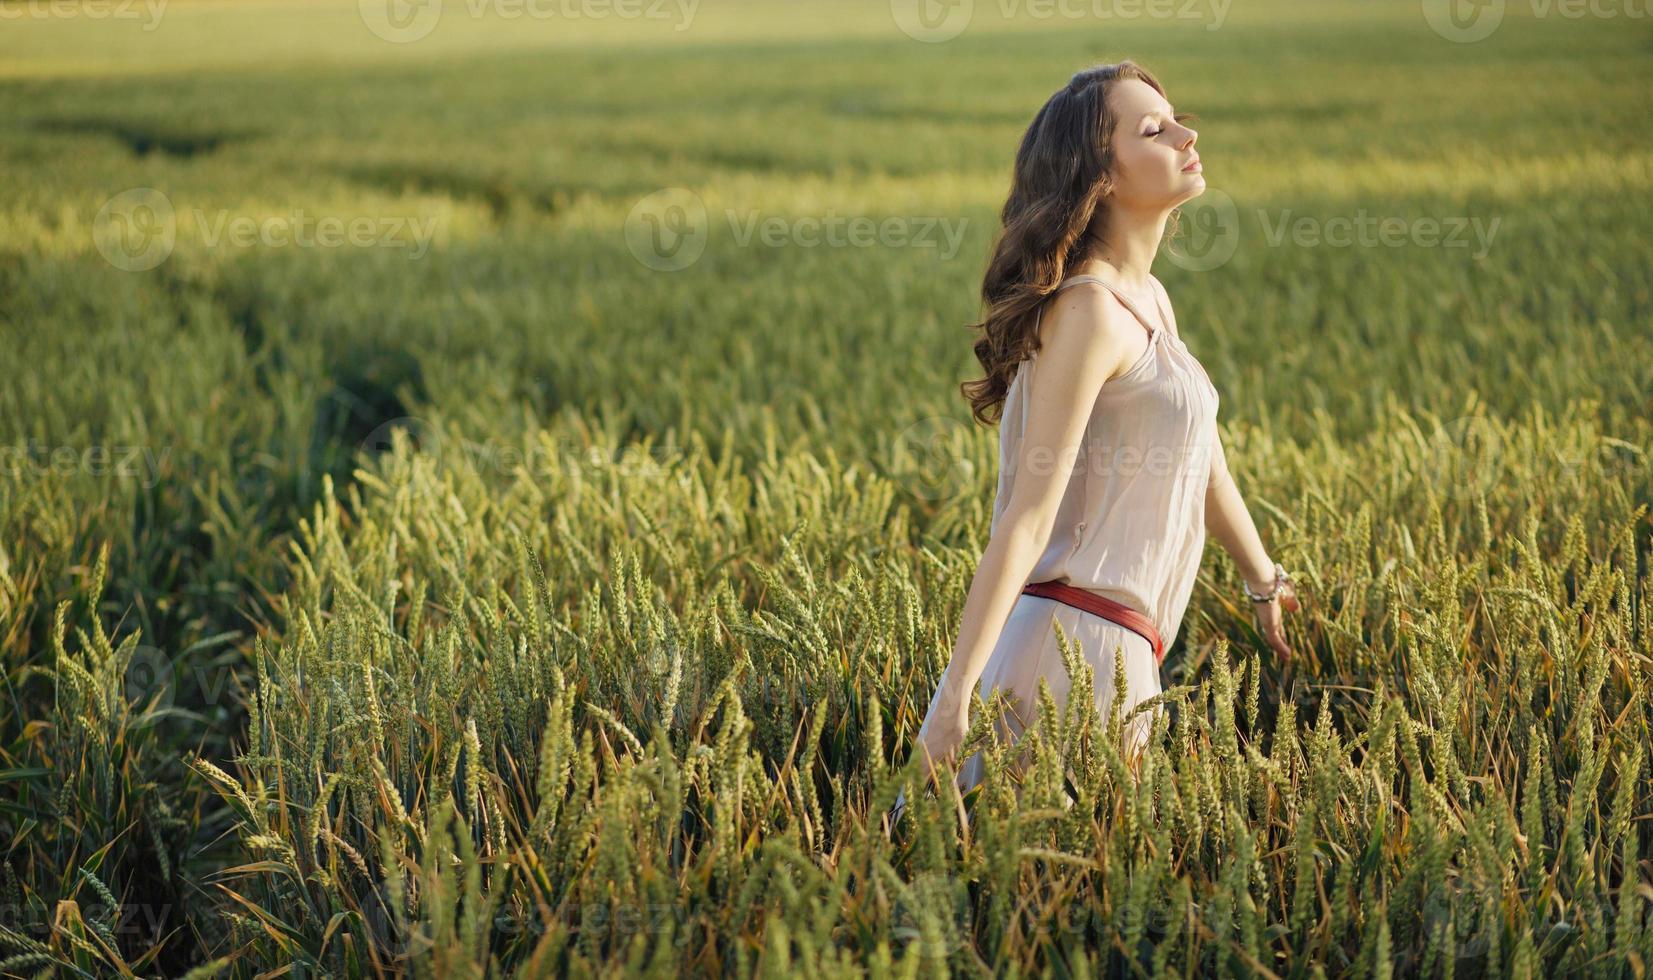 entspannte Frau auf dem Maisfeld foto